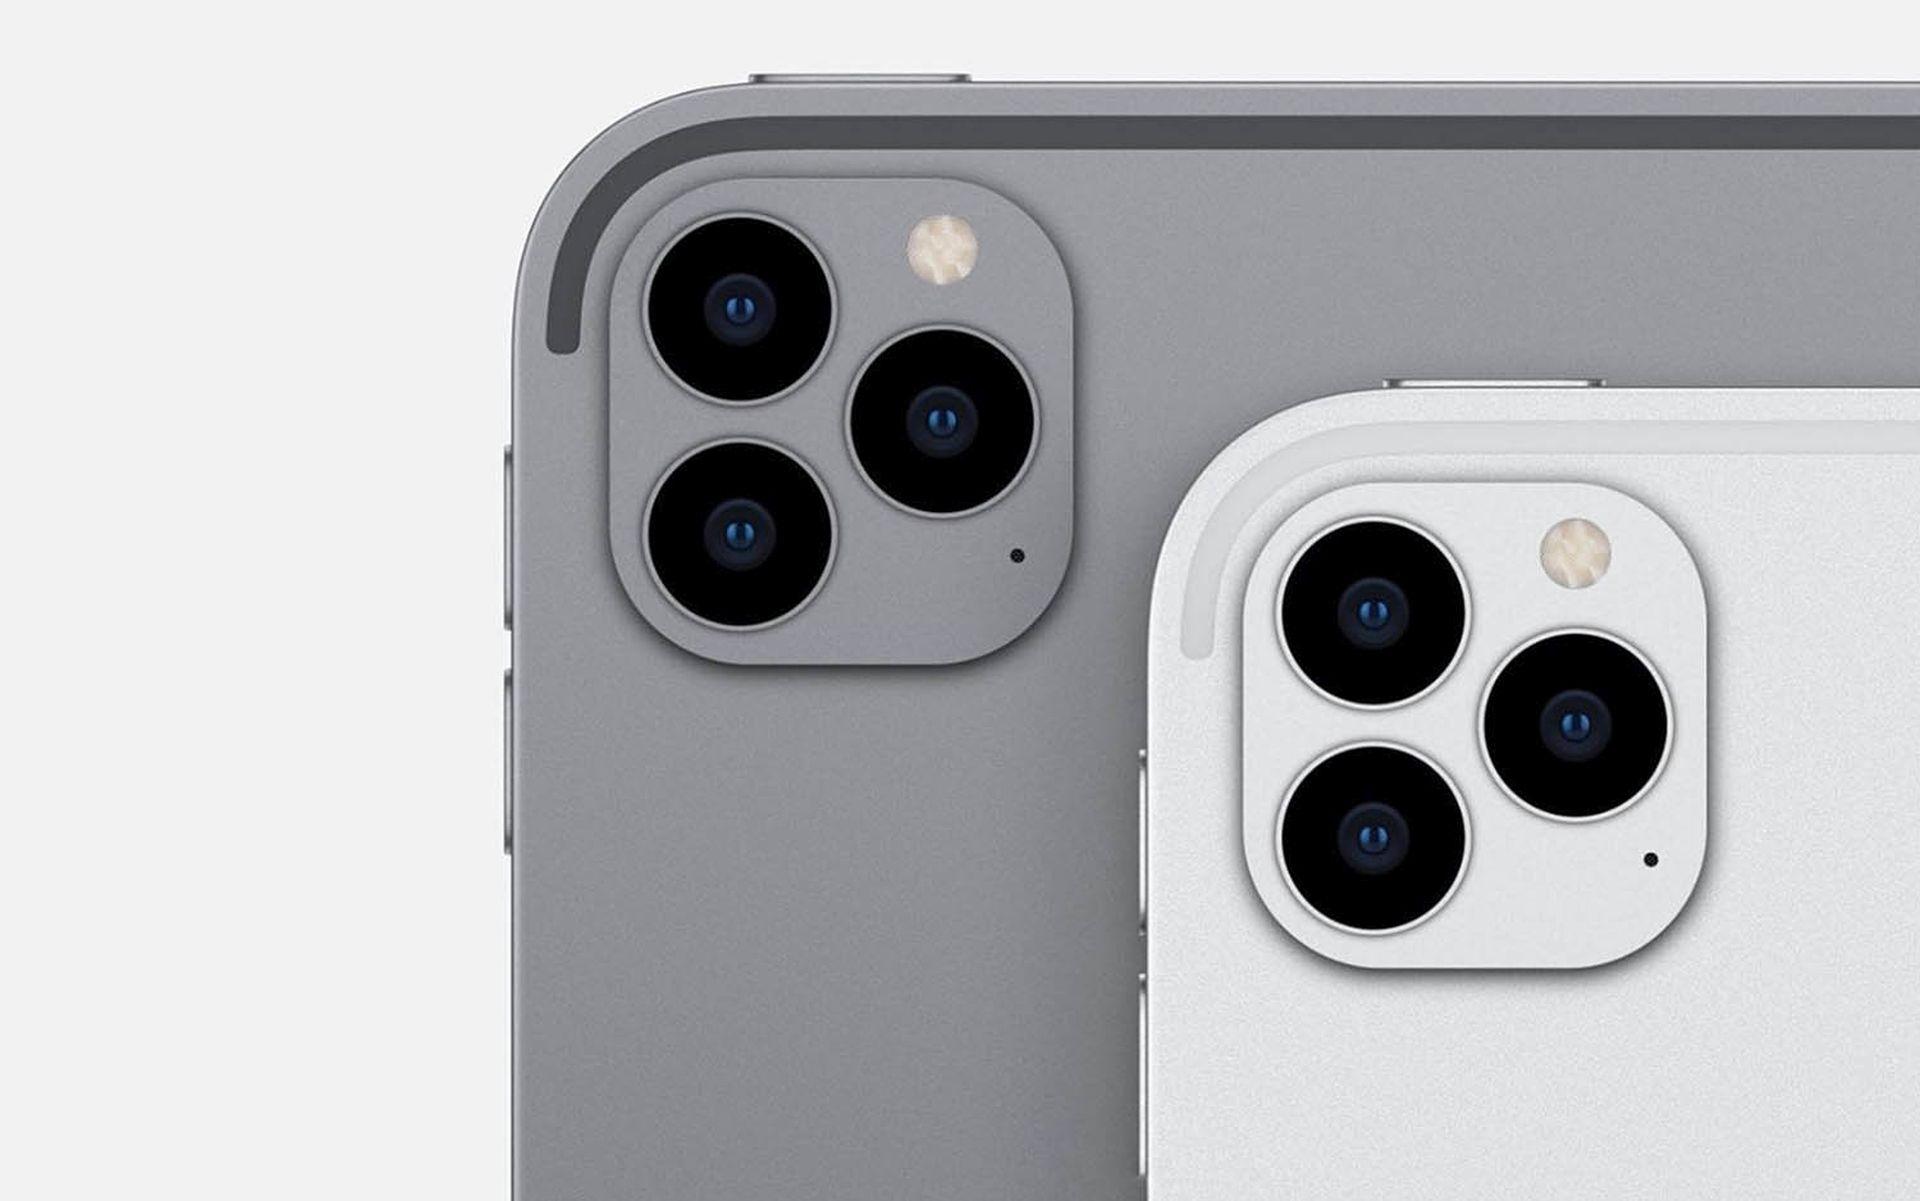 iPhone'y oraz iPady Pro w 2020 roku mają wspierać sieci 5G